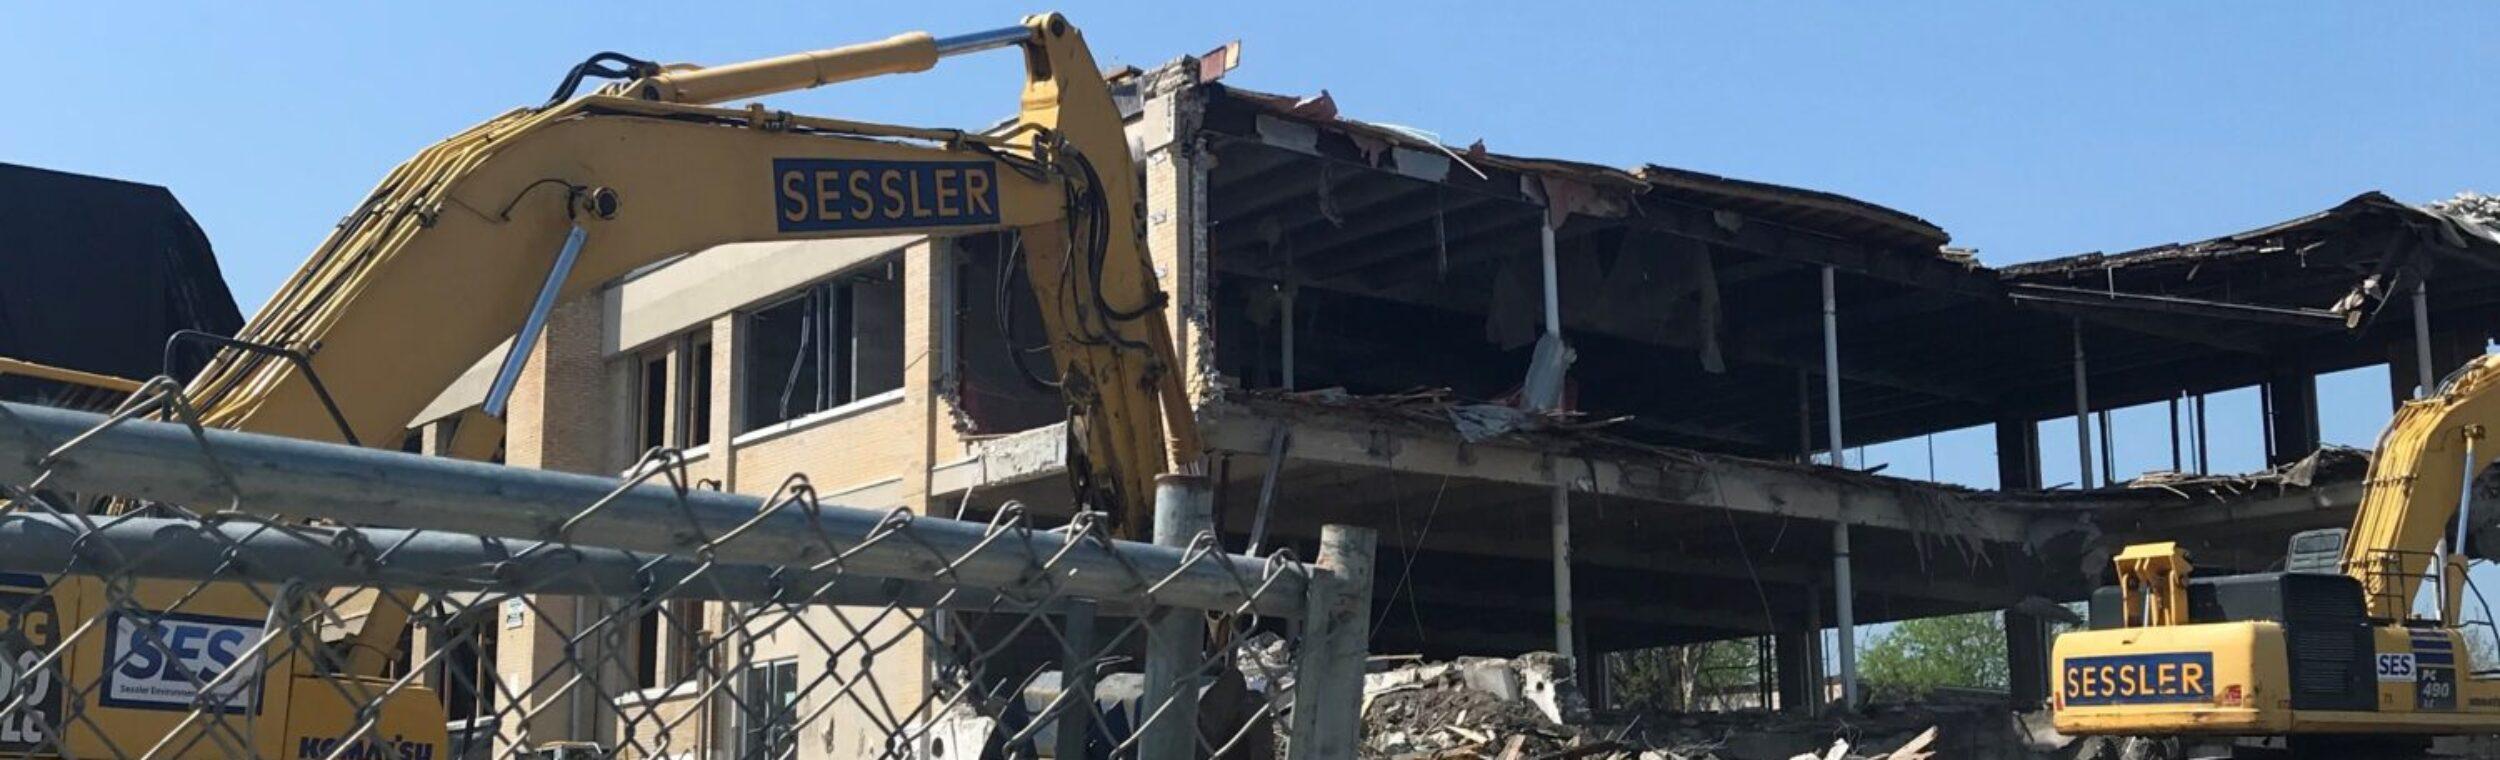 Sessler Environmental Demolition